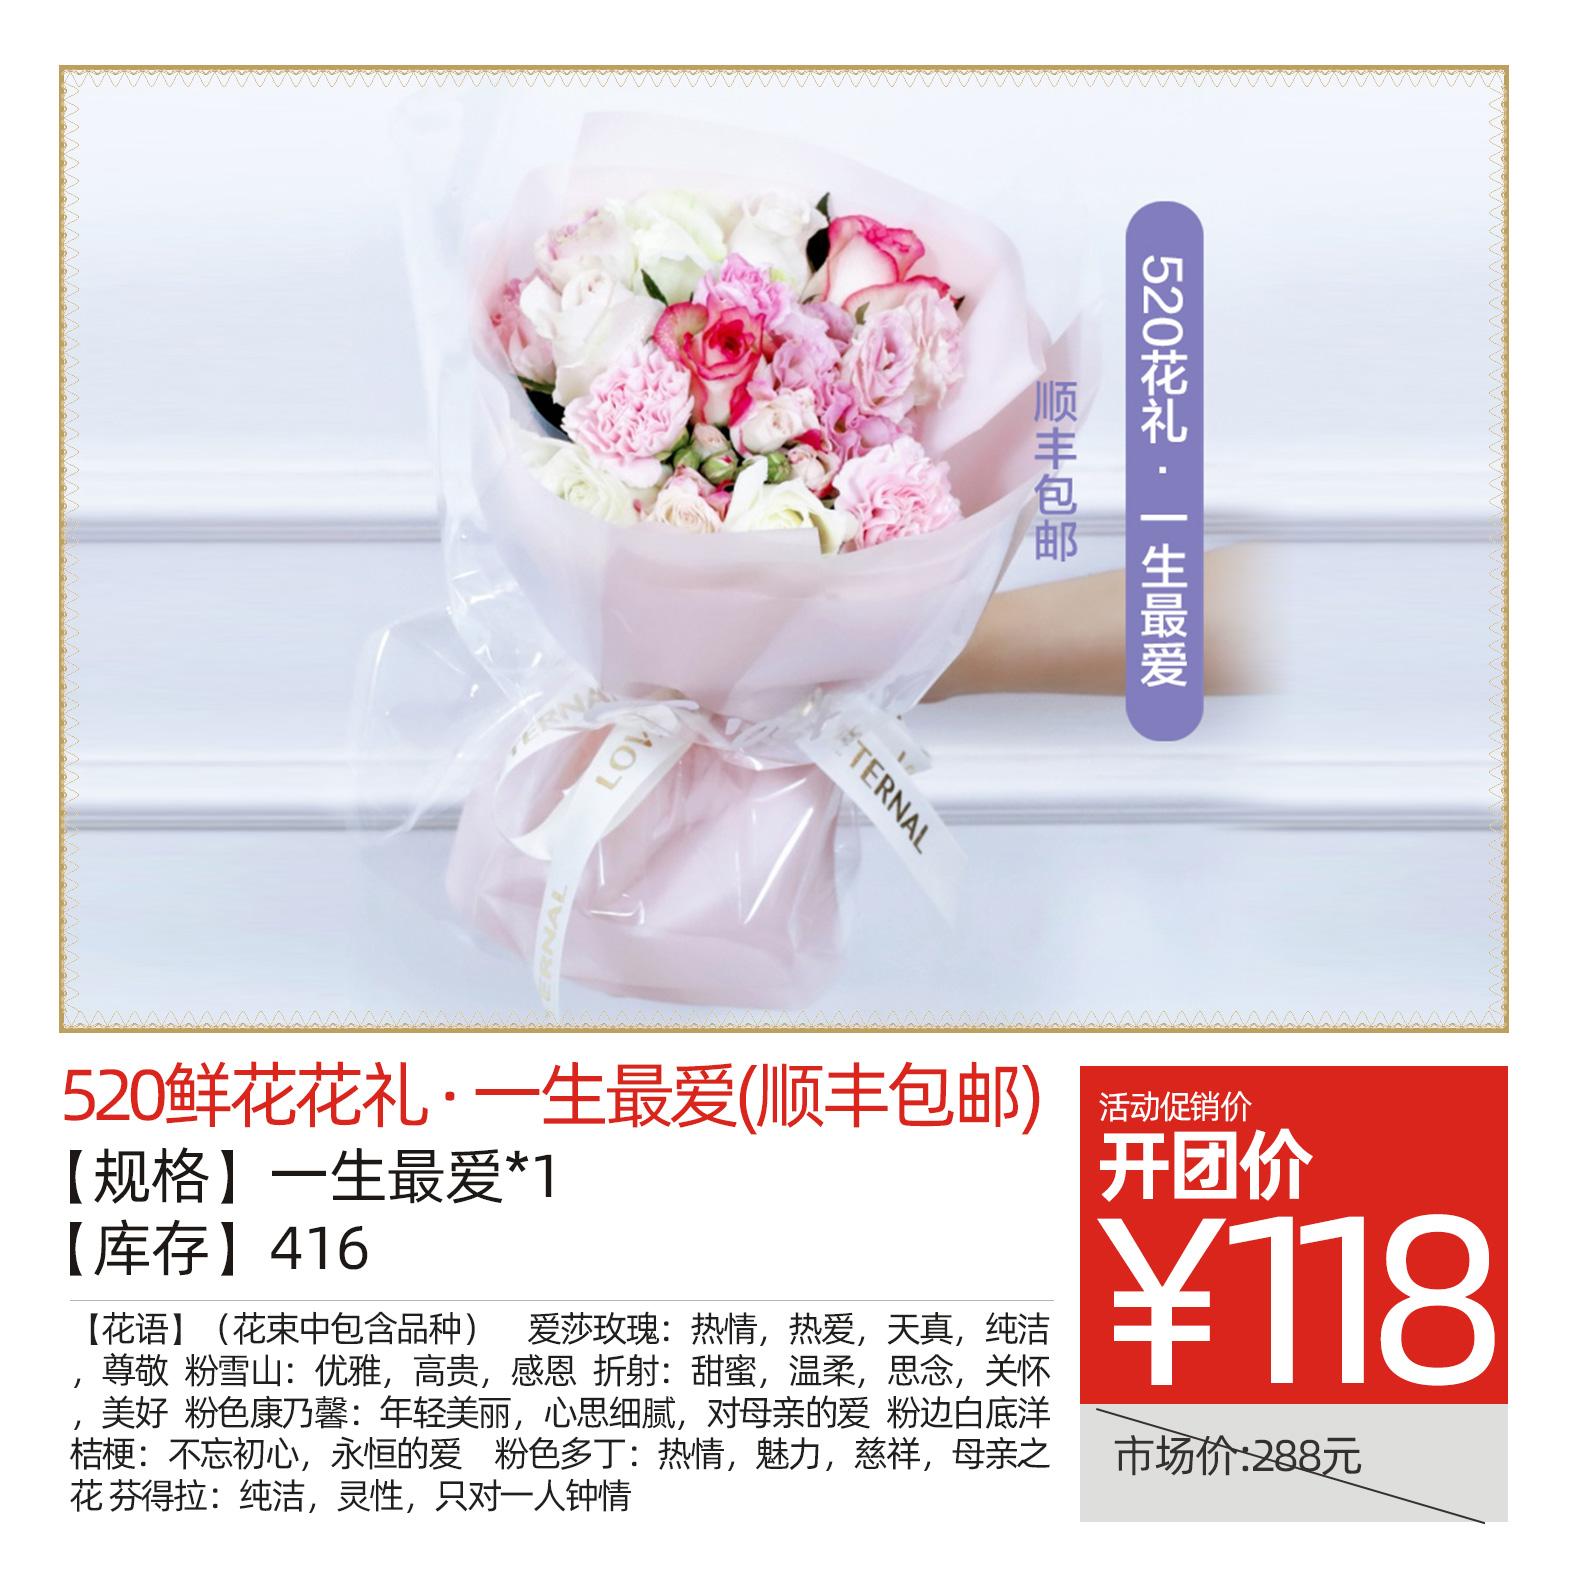 520鲜花花礼 · 一生最爱(顺丰包邮)